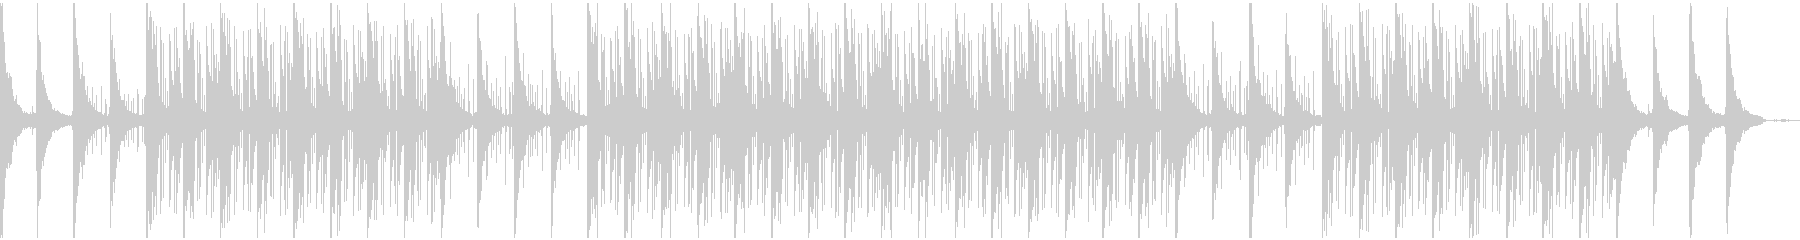 幻想的なローファイビートの未再生の波形